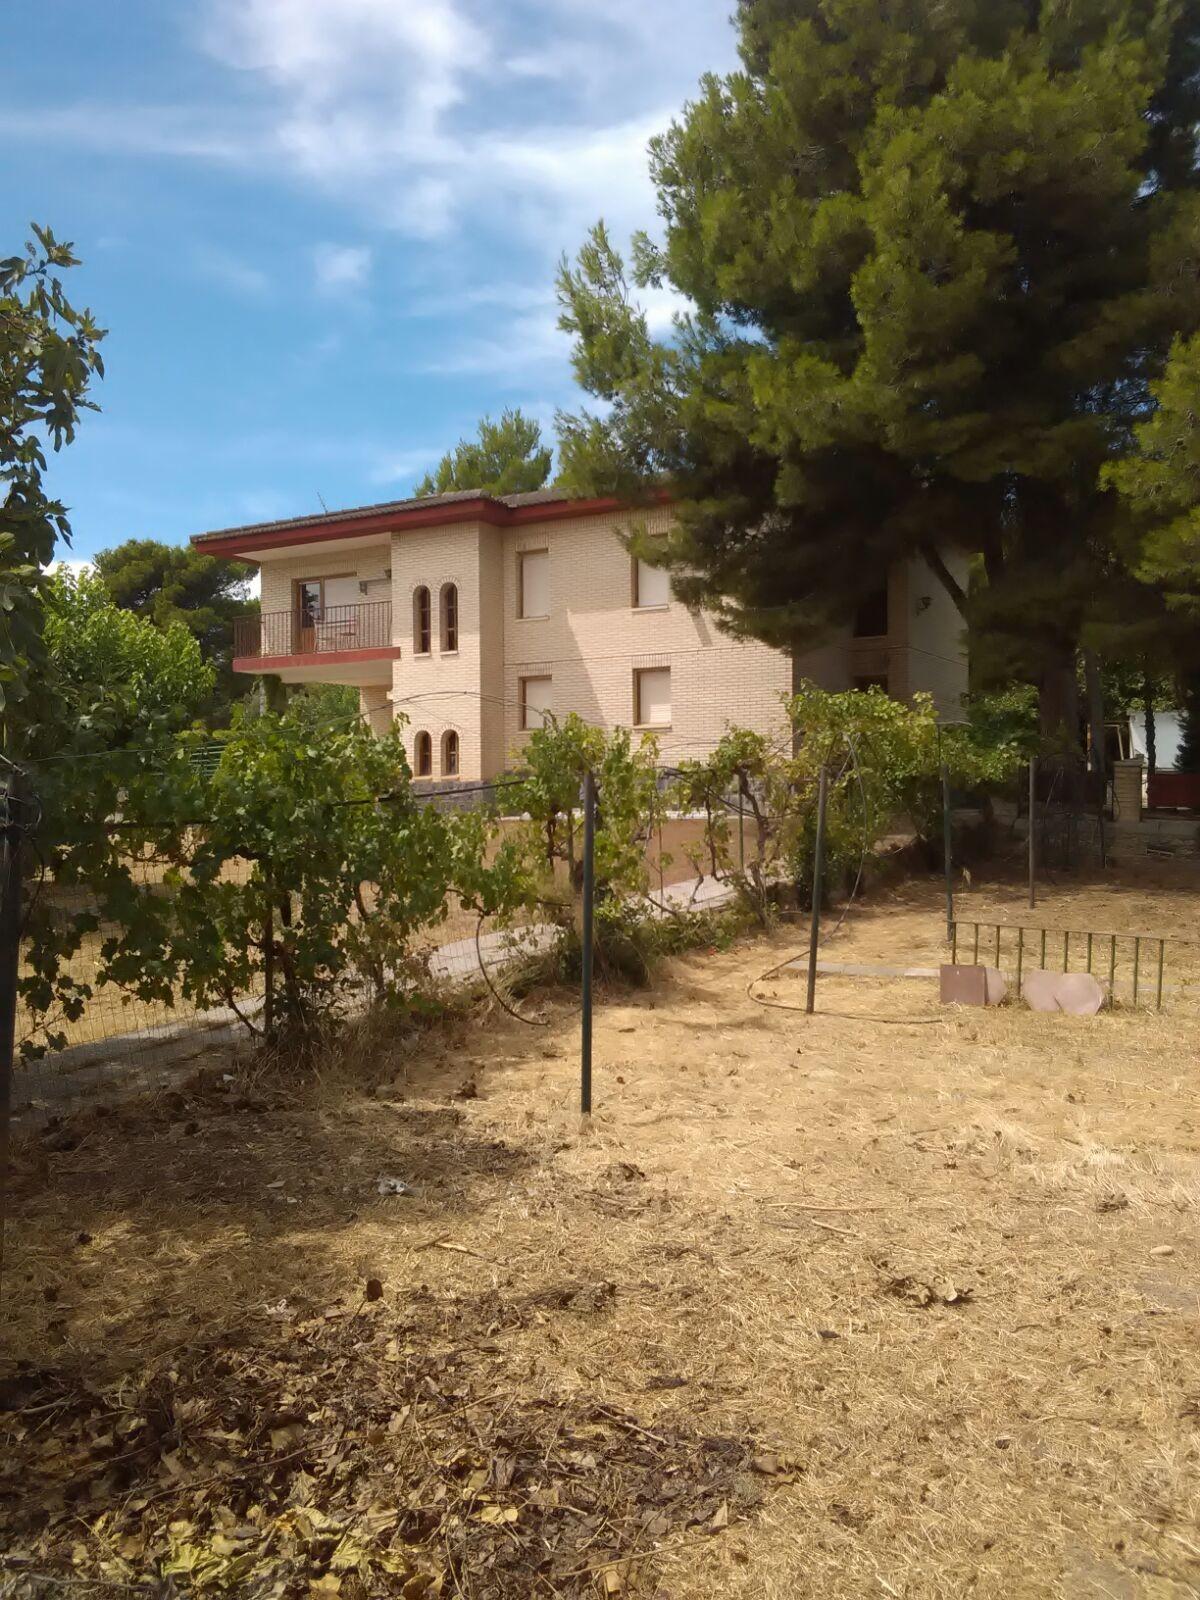 Habitacion con piscina y zonas deportivas